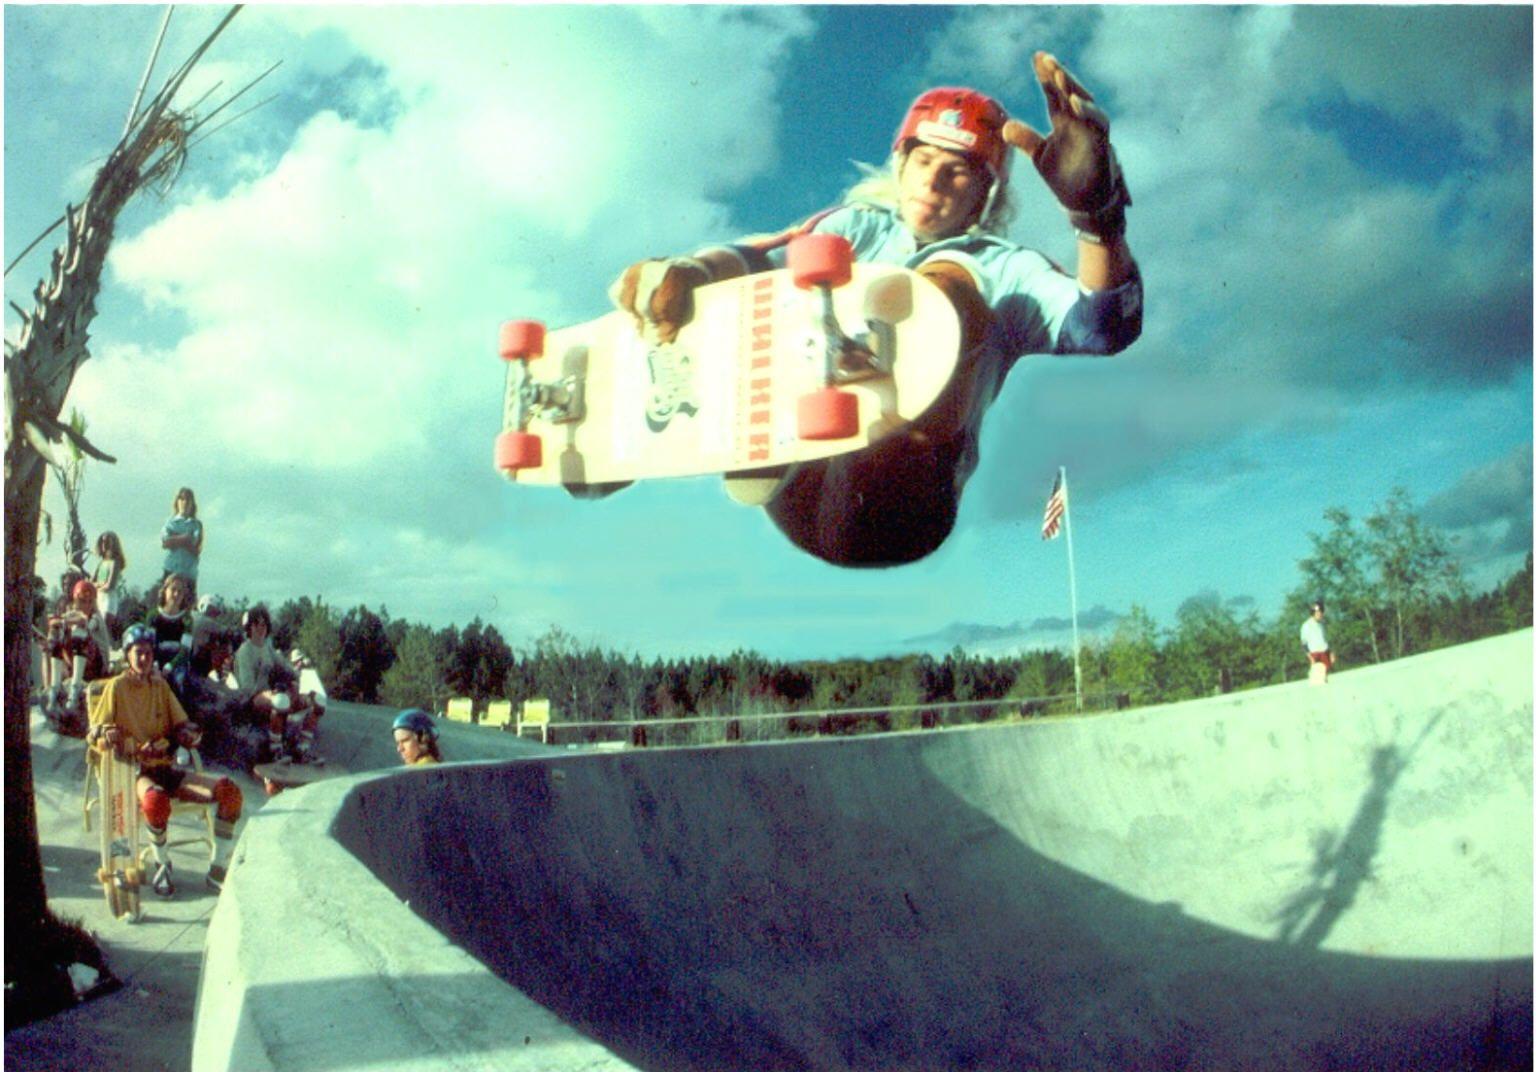 197 134 Digital Design And Visualiation Project02 Rethinking Vintage Skateboards Skate And Destroy Digital Design